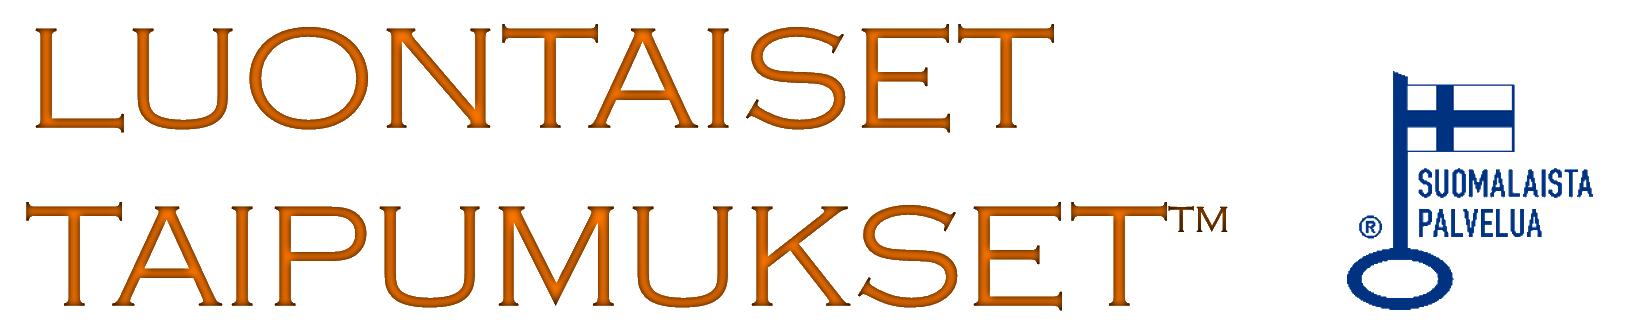 LUONTAISET-TAIPUMUKSET-logot-3.0-KAHDELLARIVILLÄ_AVAINLIPPU_ilmantaustaa[141762].png